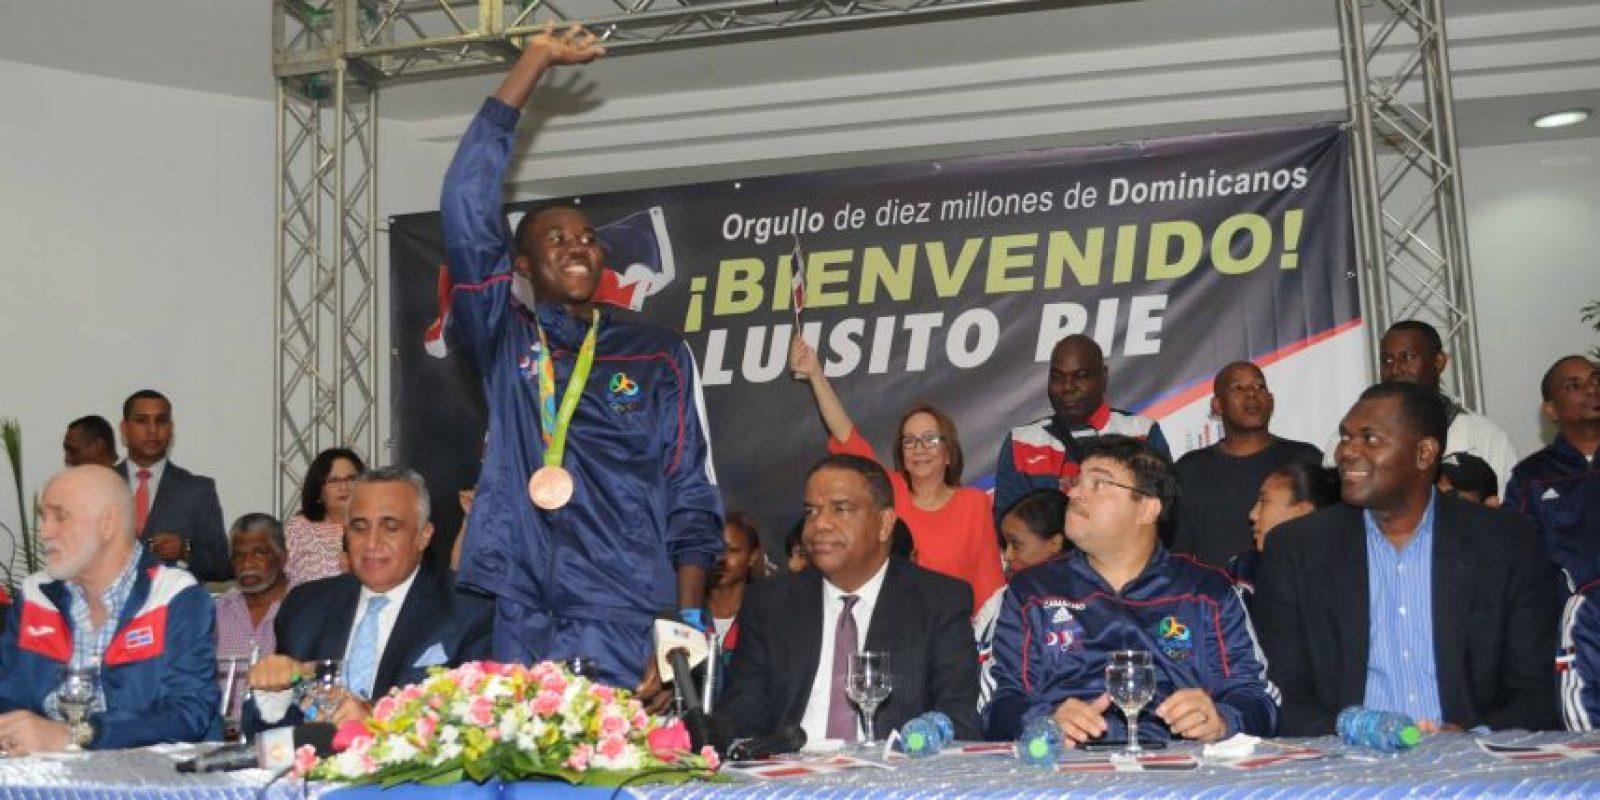 El medallista olímpico Luis Pie saluda al público. Desde la izquierda, Antonio Acosta, Luisín Mejía, Danilo Díaz, Francisco Camacho y Soterio Ramírez. Foto:Fuente externa